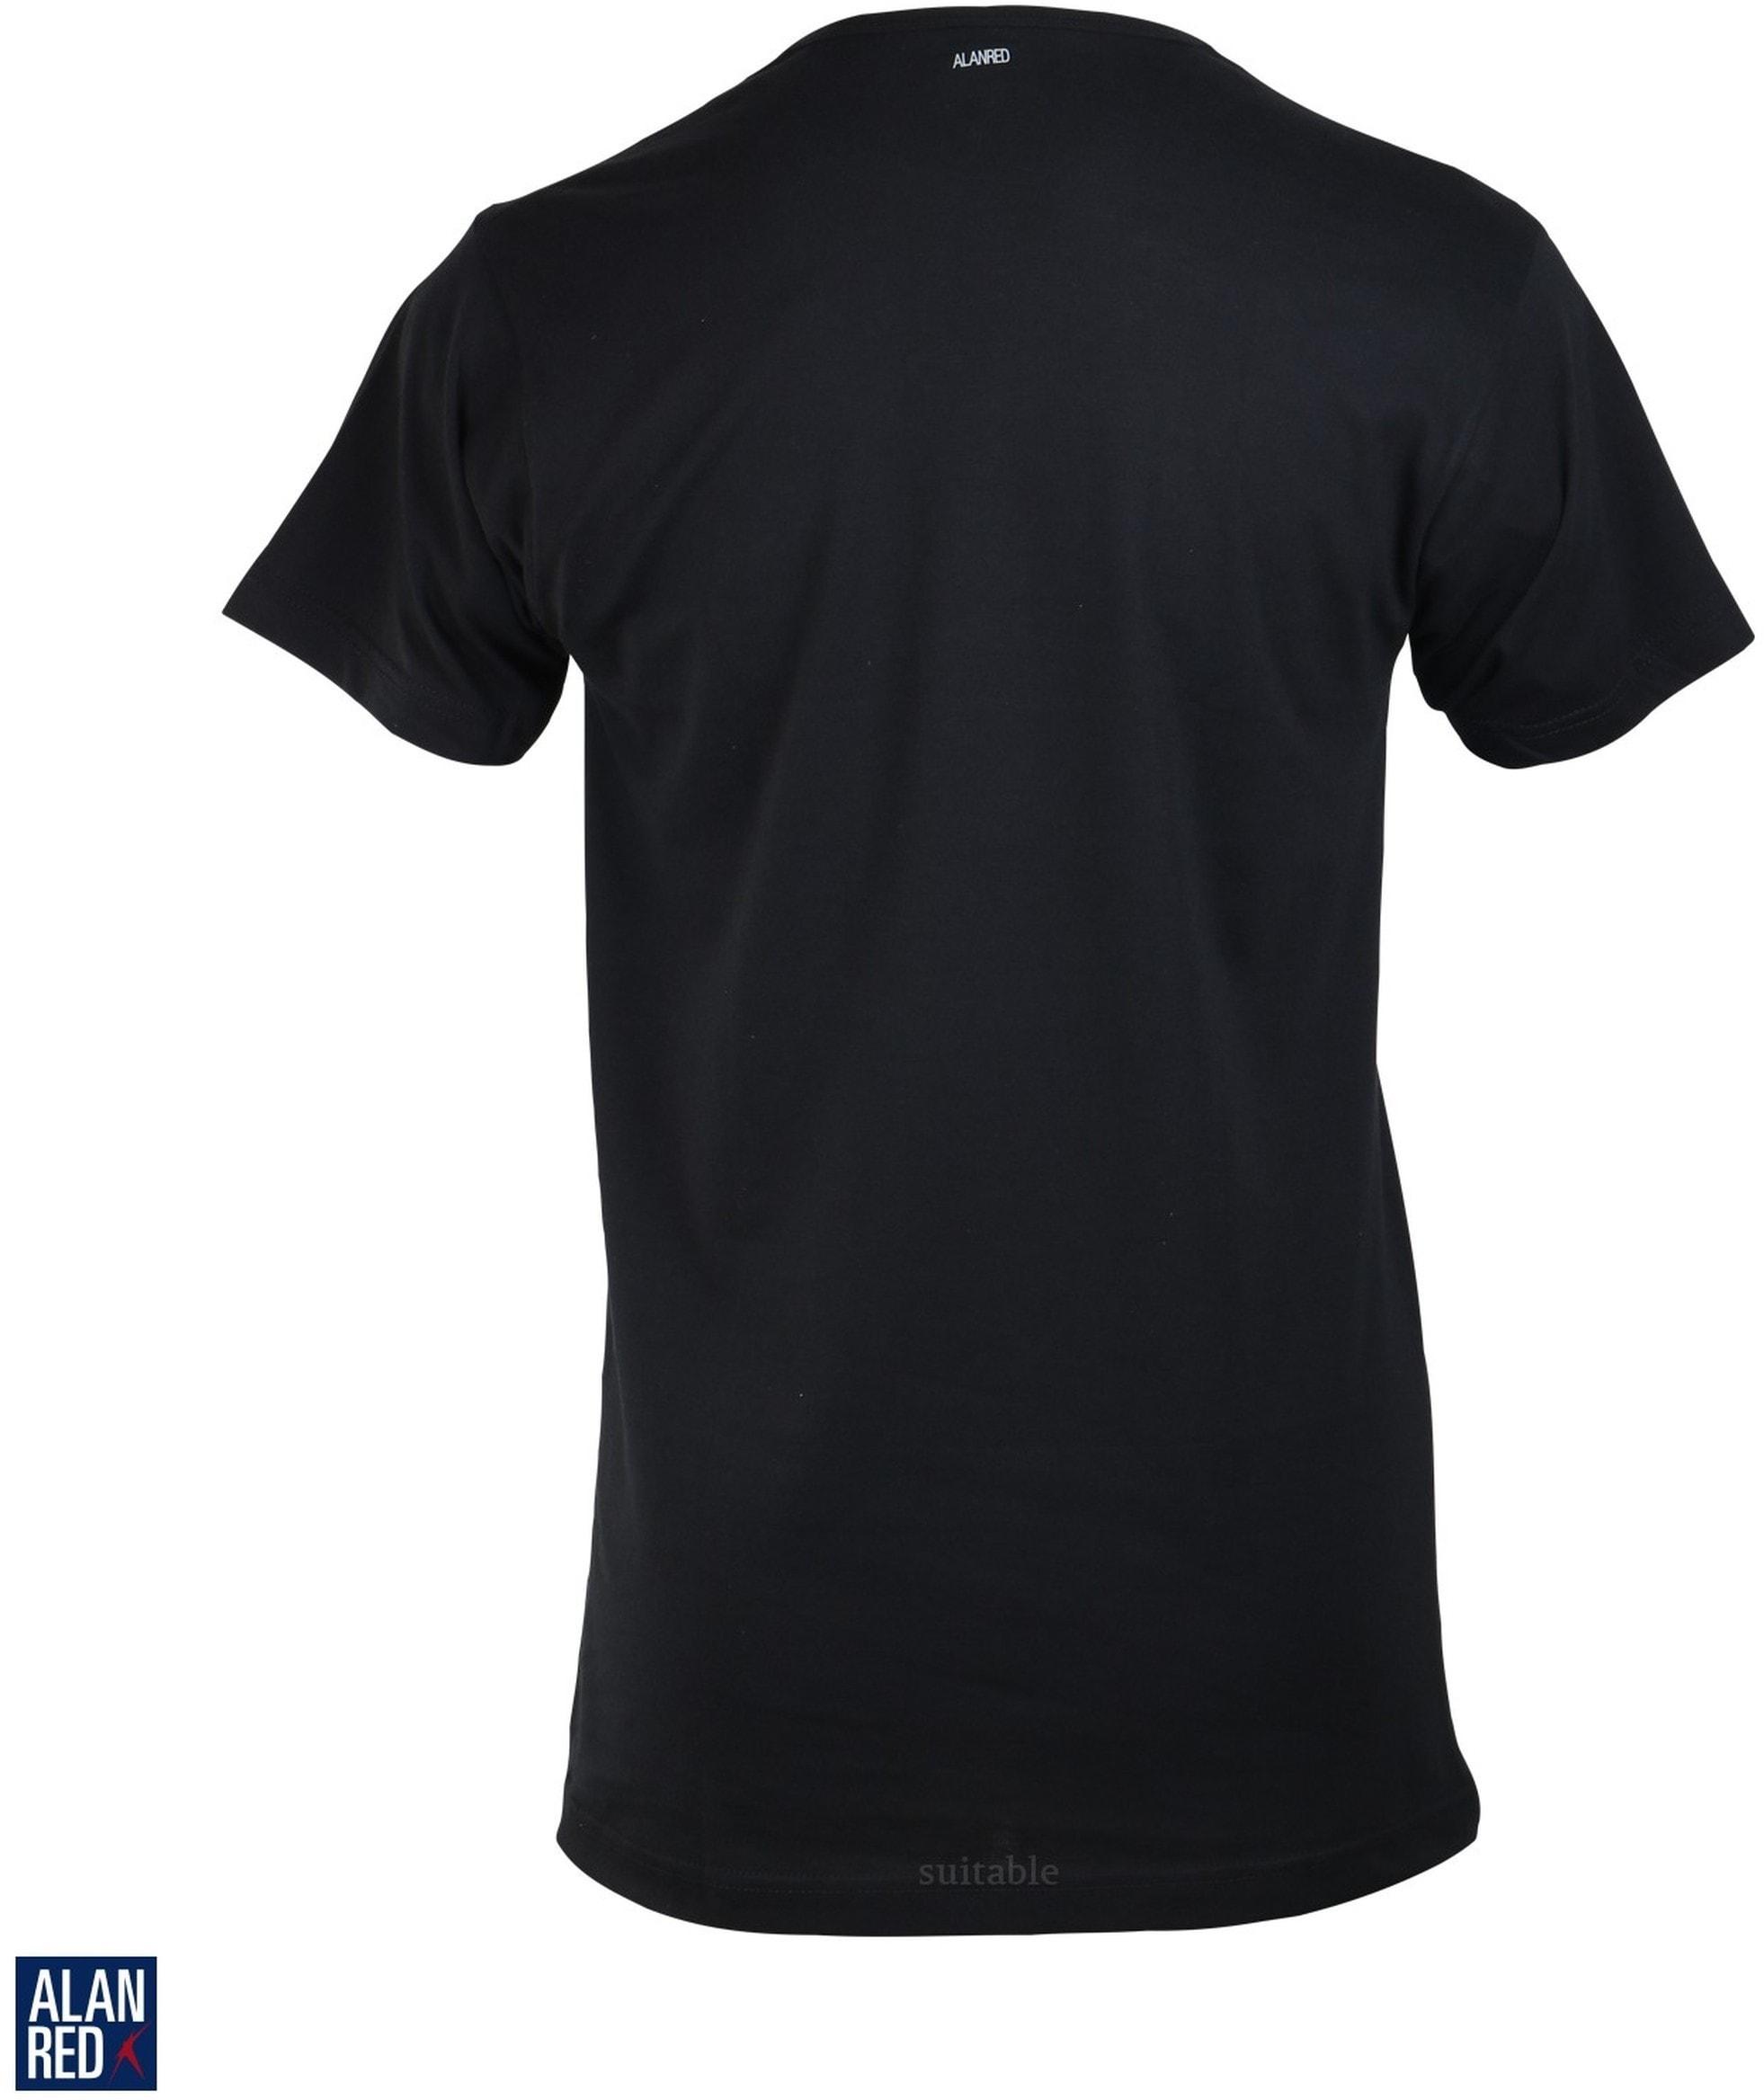 Alan Red Derby O-Neck T-shirt Black 1-Pack foto 2